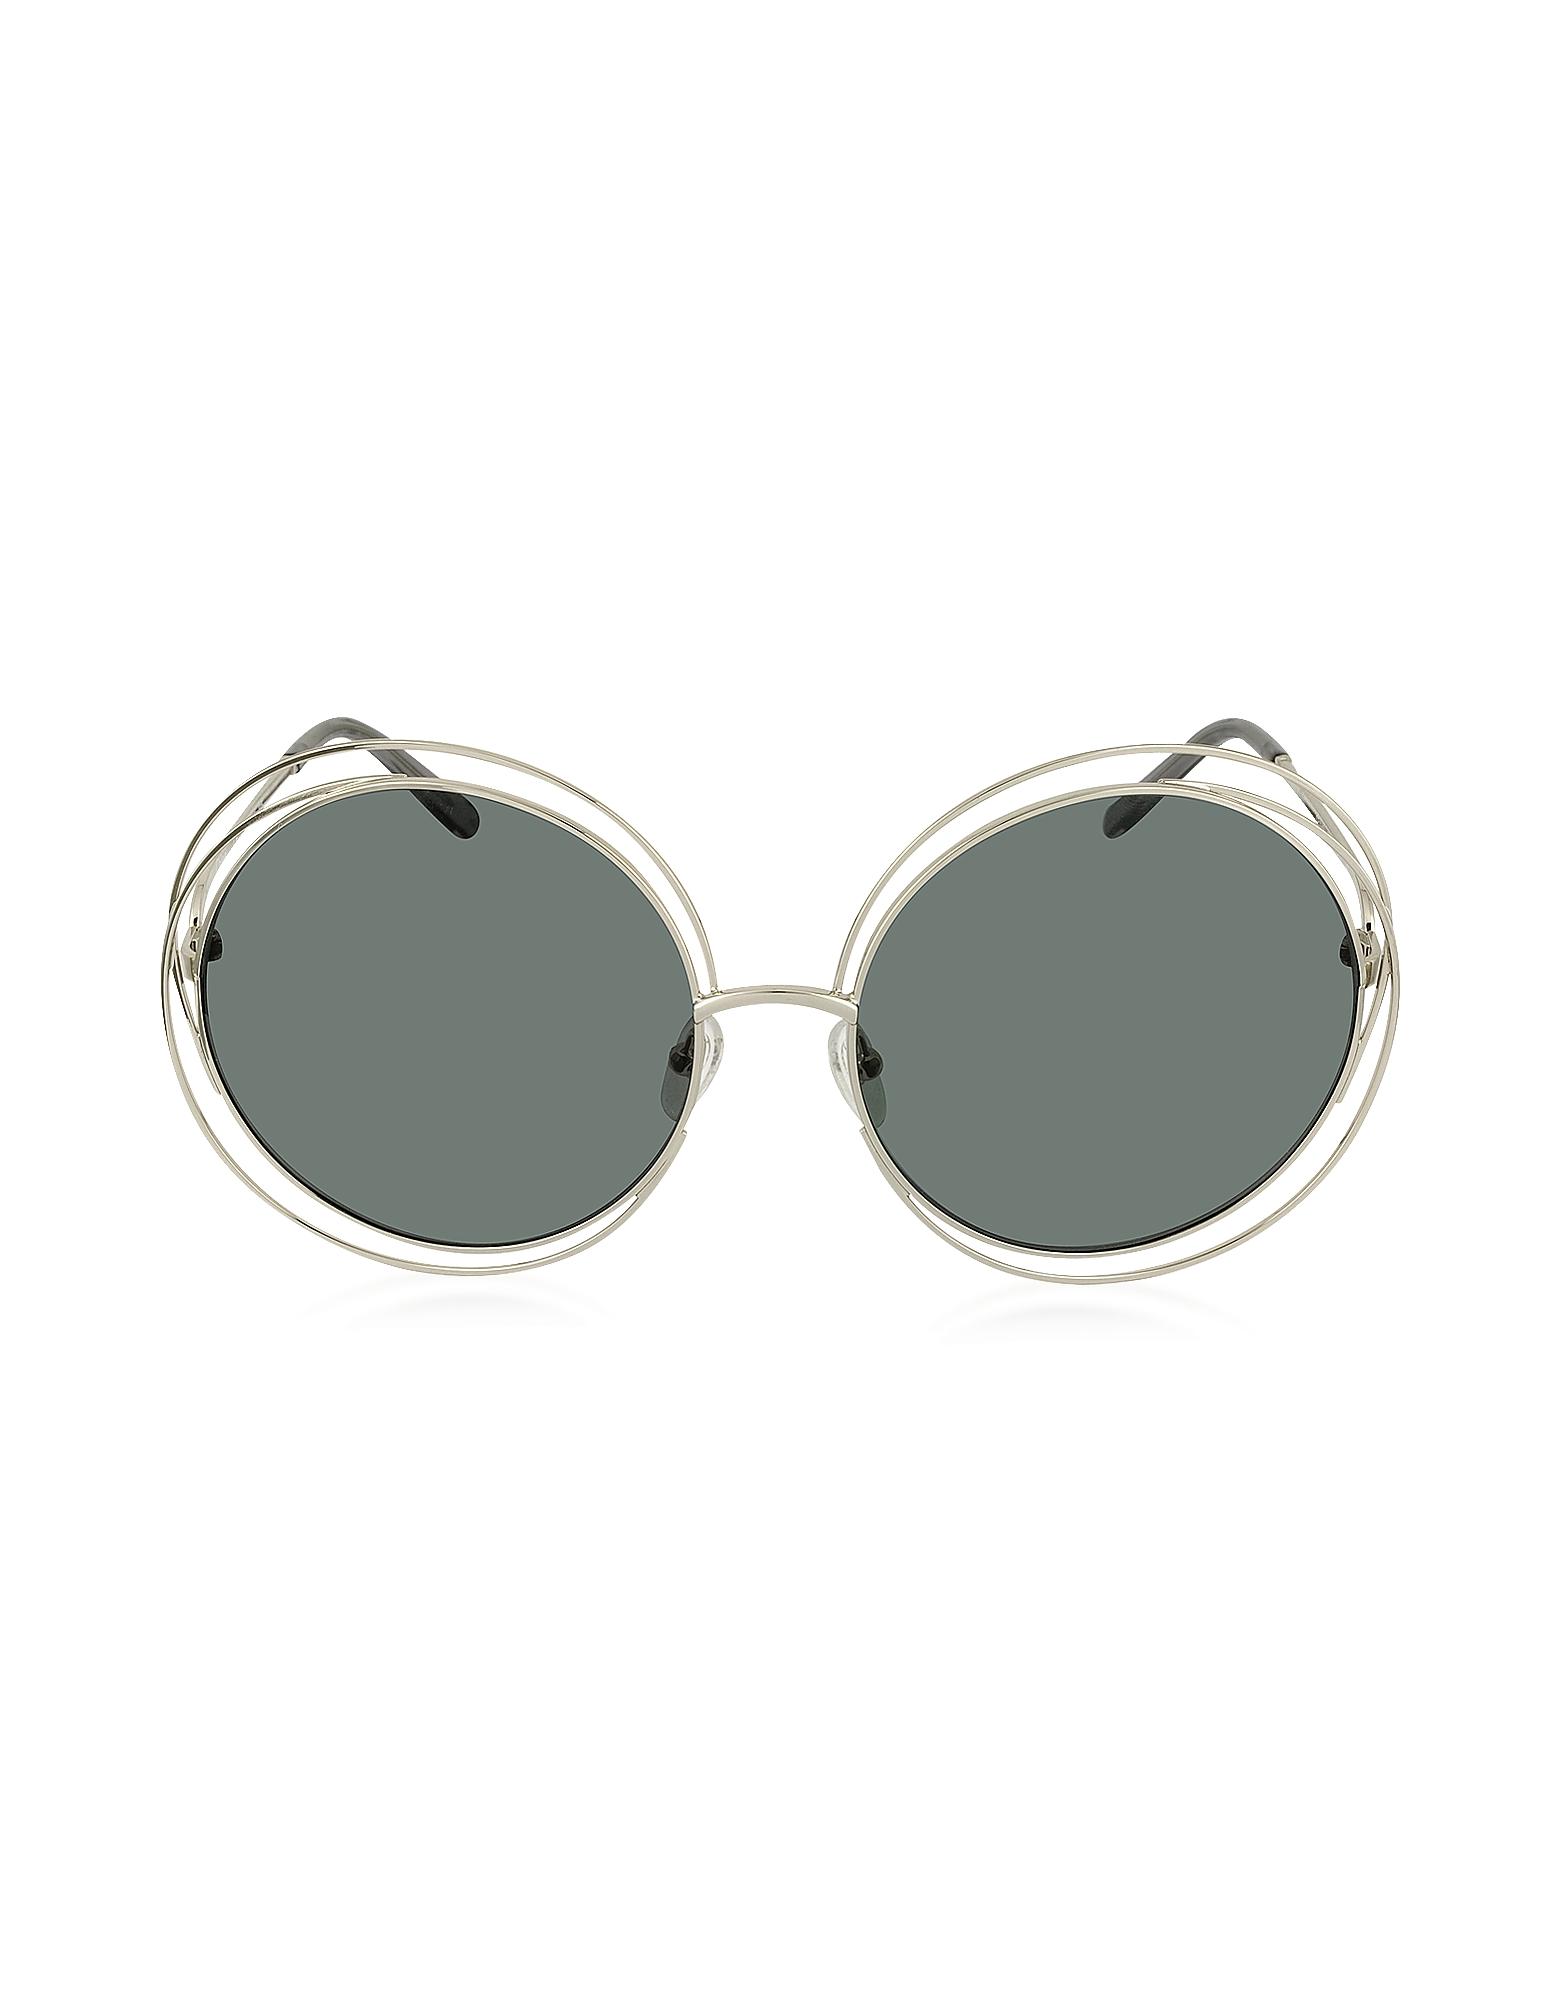 CARLINA CE 114S Occhiali da Sole Oversize in Metallo